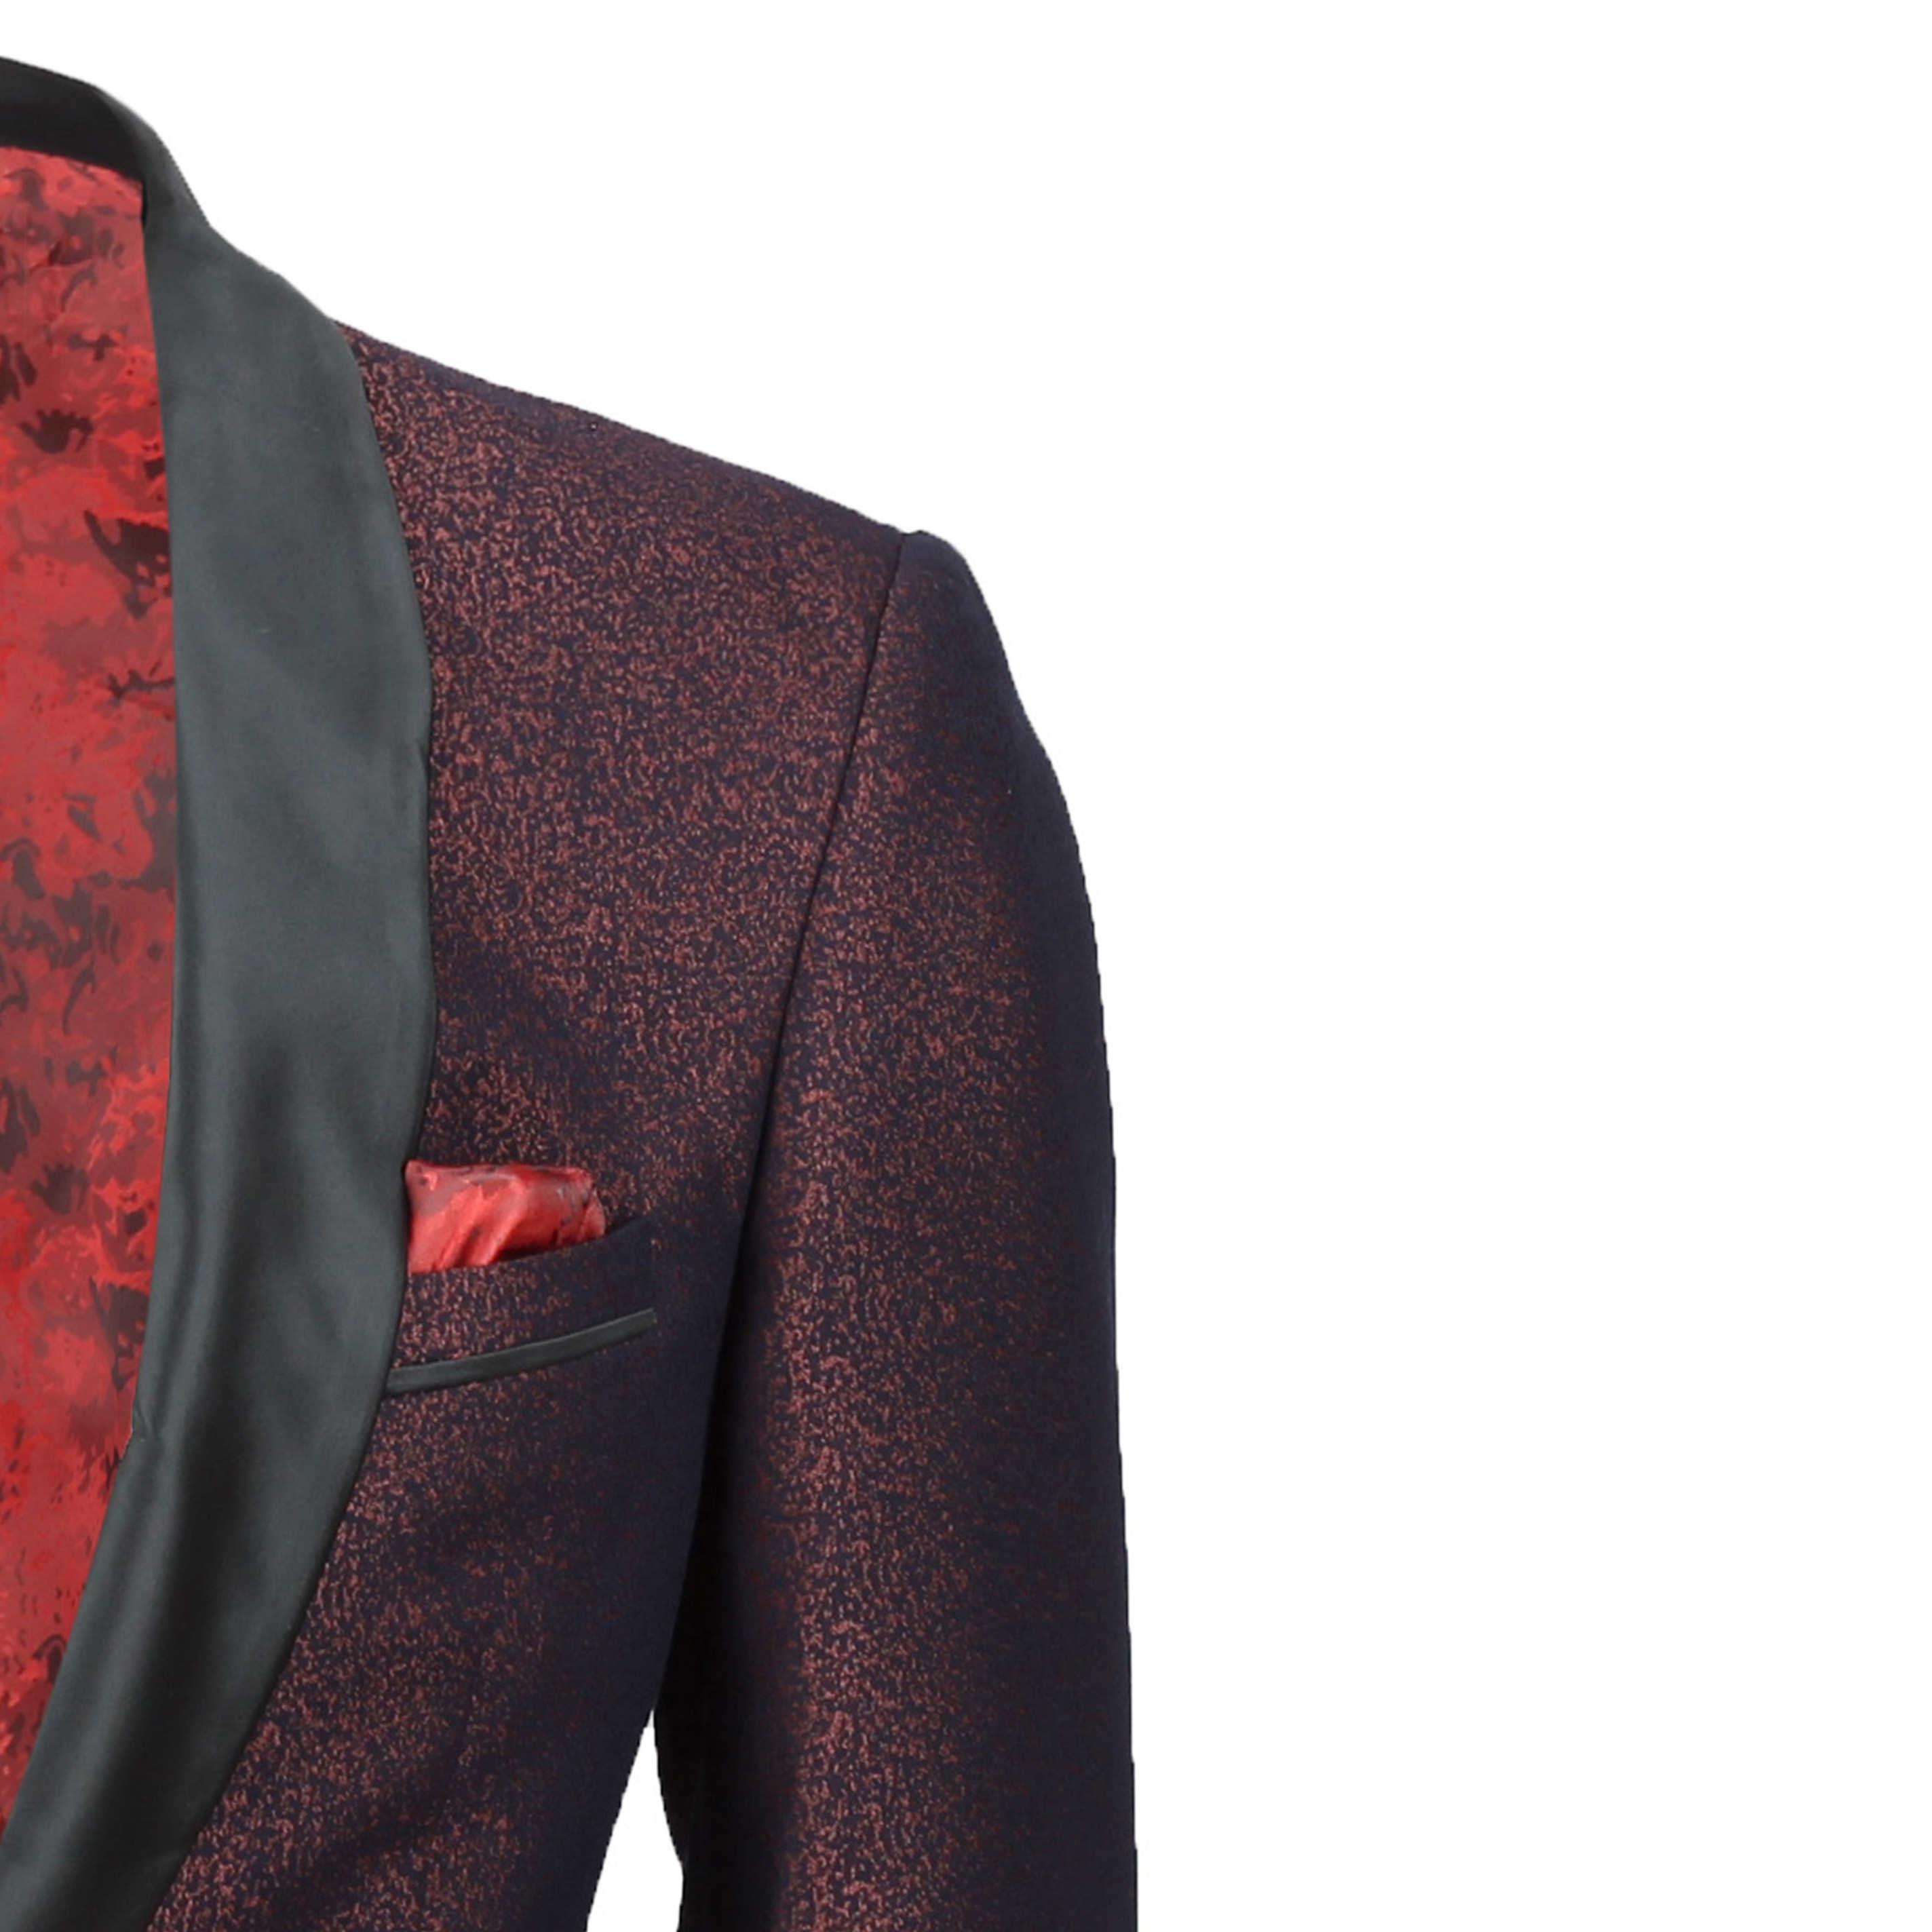 Para-hombre-traje-de-Esmoquin-Vintage-floral-del-damasco-Cena-Chaqueta-Boda-Fiesta-Formal-Blazer miniatura 11